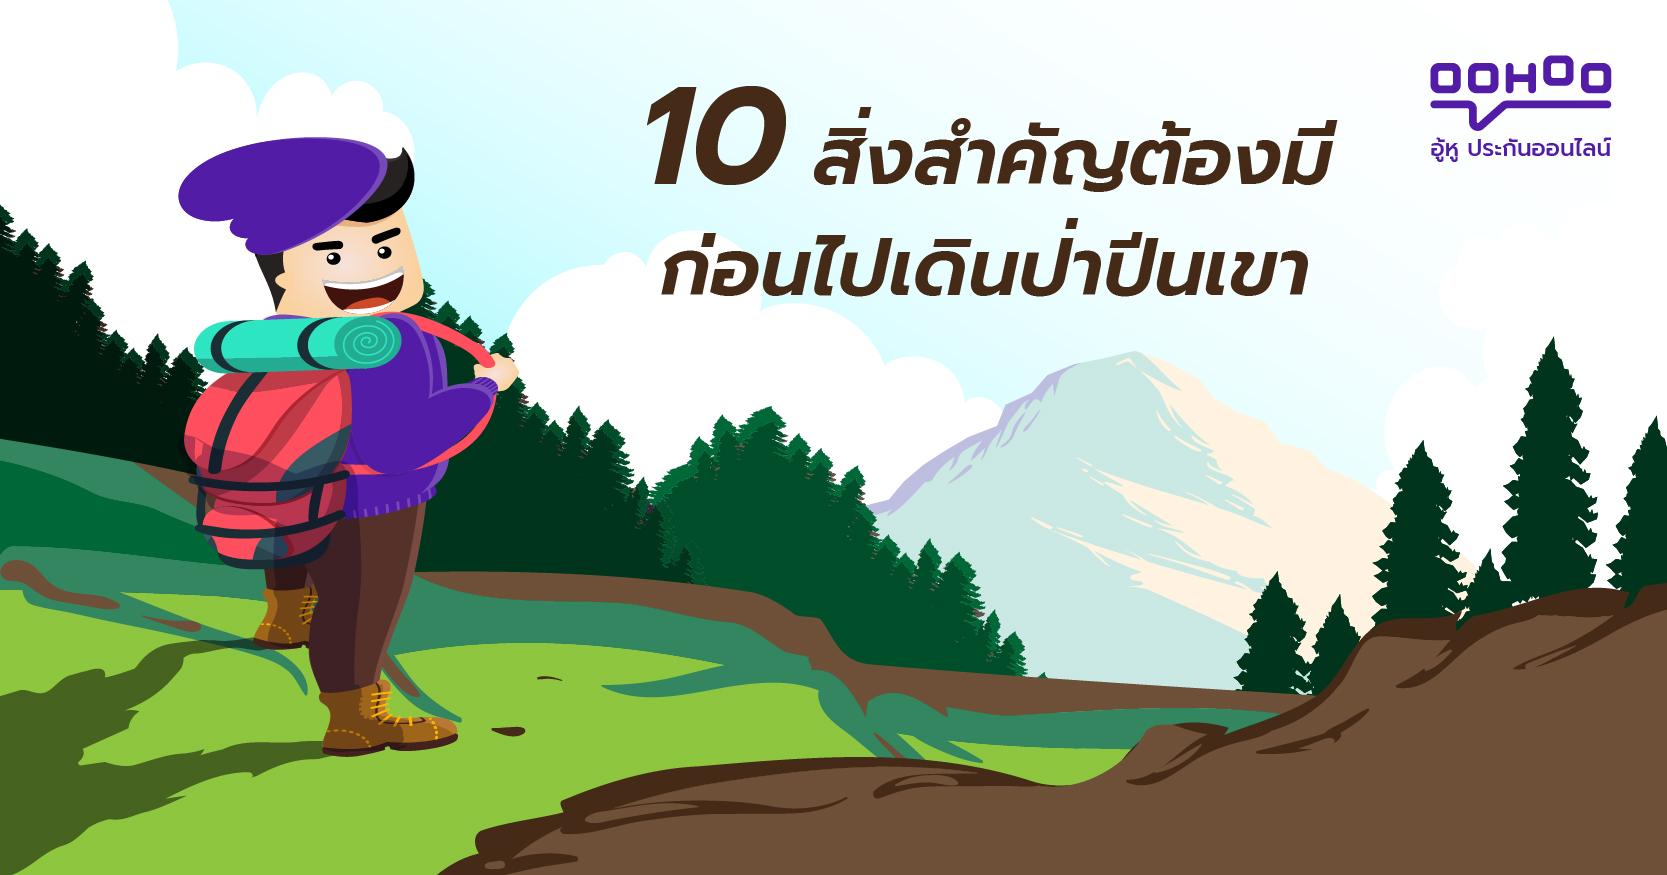 10 สิ่งสำคัญต้องมีก่อนไปเดินป่าปีนเขา